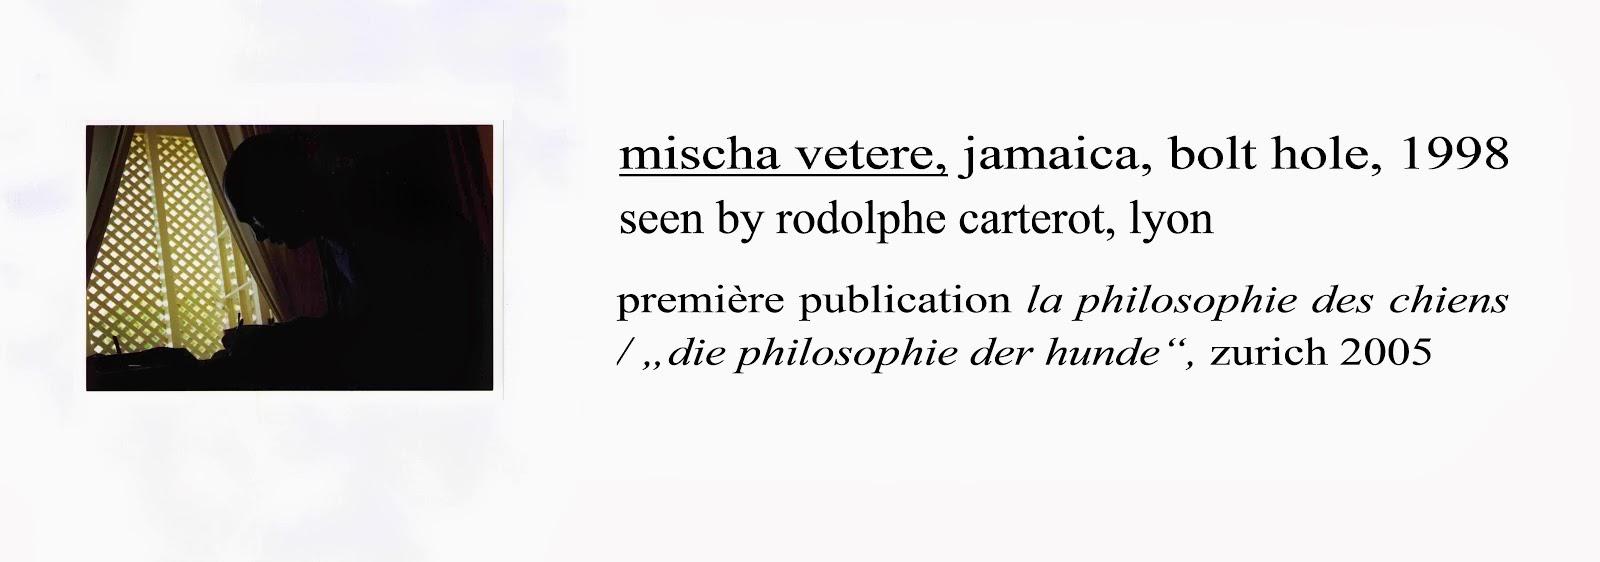 mischa vetere vu par rodolphe PORTRAIT Ibolt hole,jamaica - la philosophie des chiens 2005 LYon bml